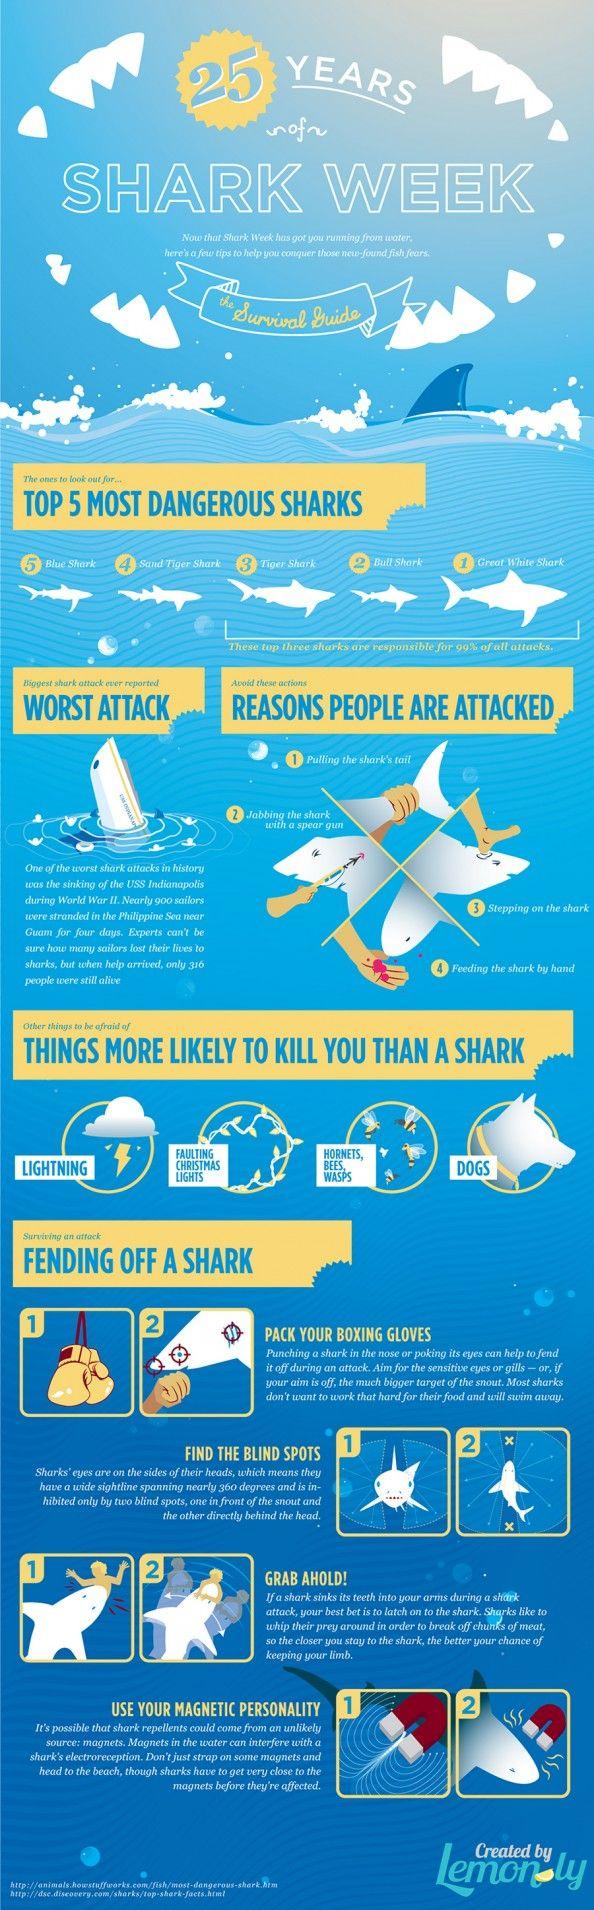 The Shark Survival Guide #sharkweek The Center for Pediatric Dentistry & Orthodo…